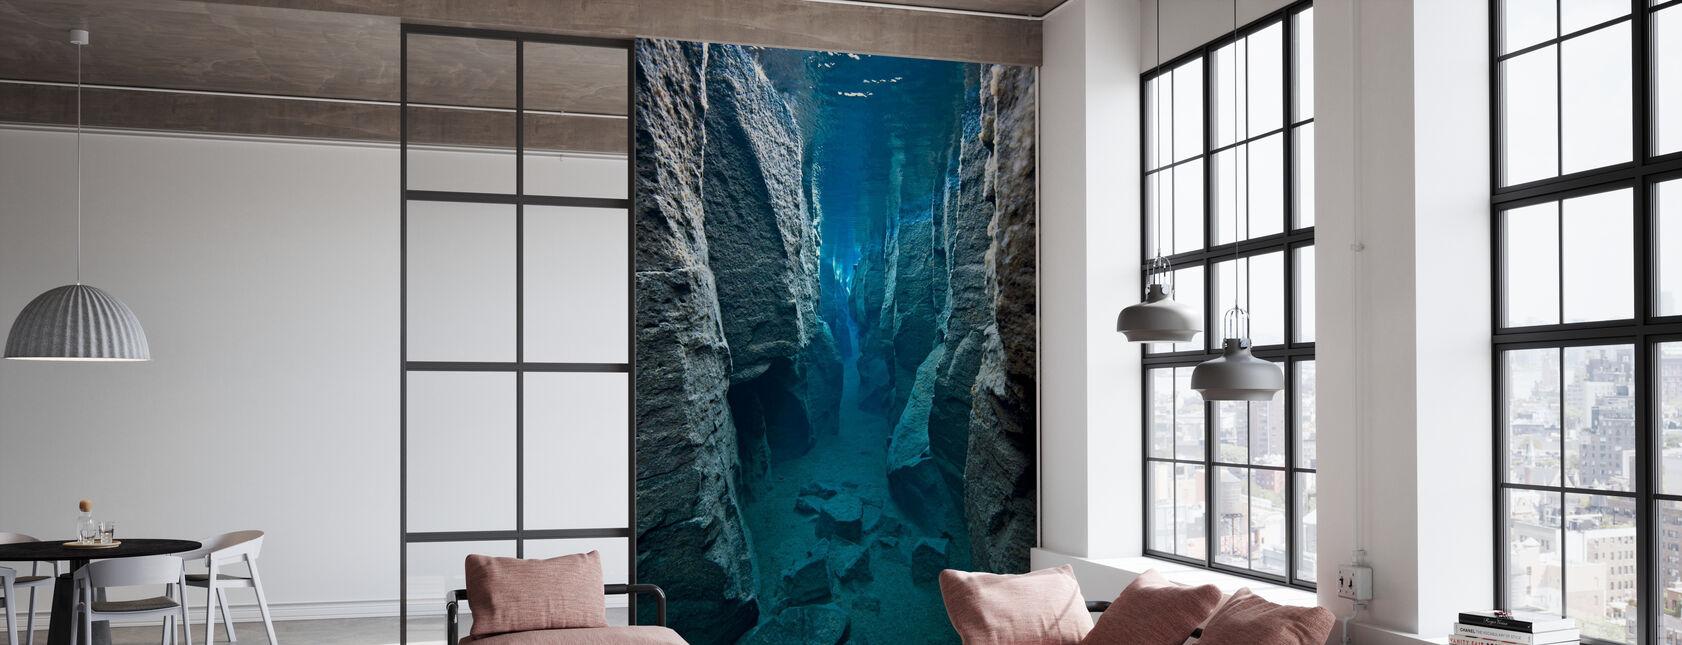 Deep Crack - Wallpaper - Office